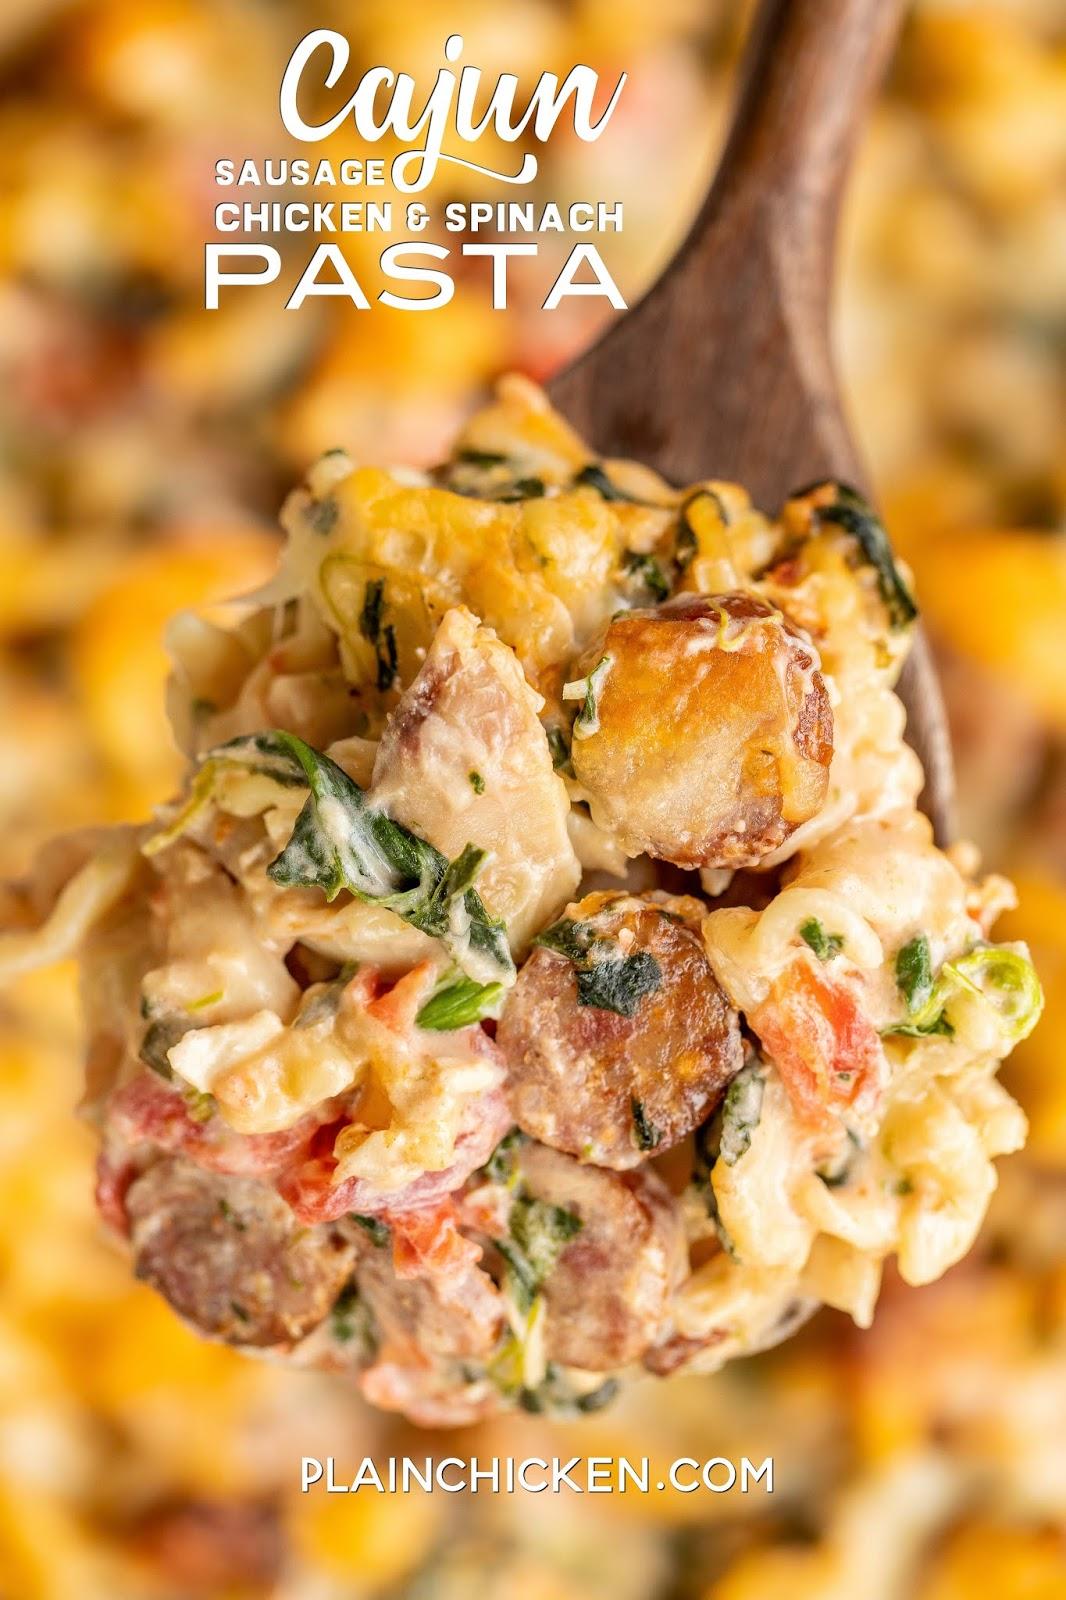 Cajun Sausage Chicken Amp Spinach Pasta Plain Chicken 174